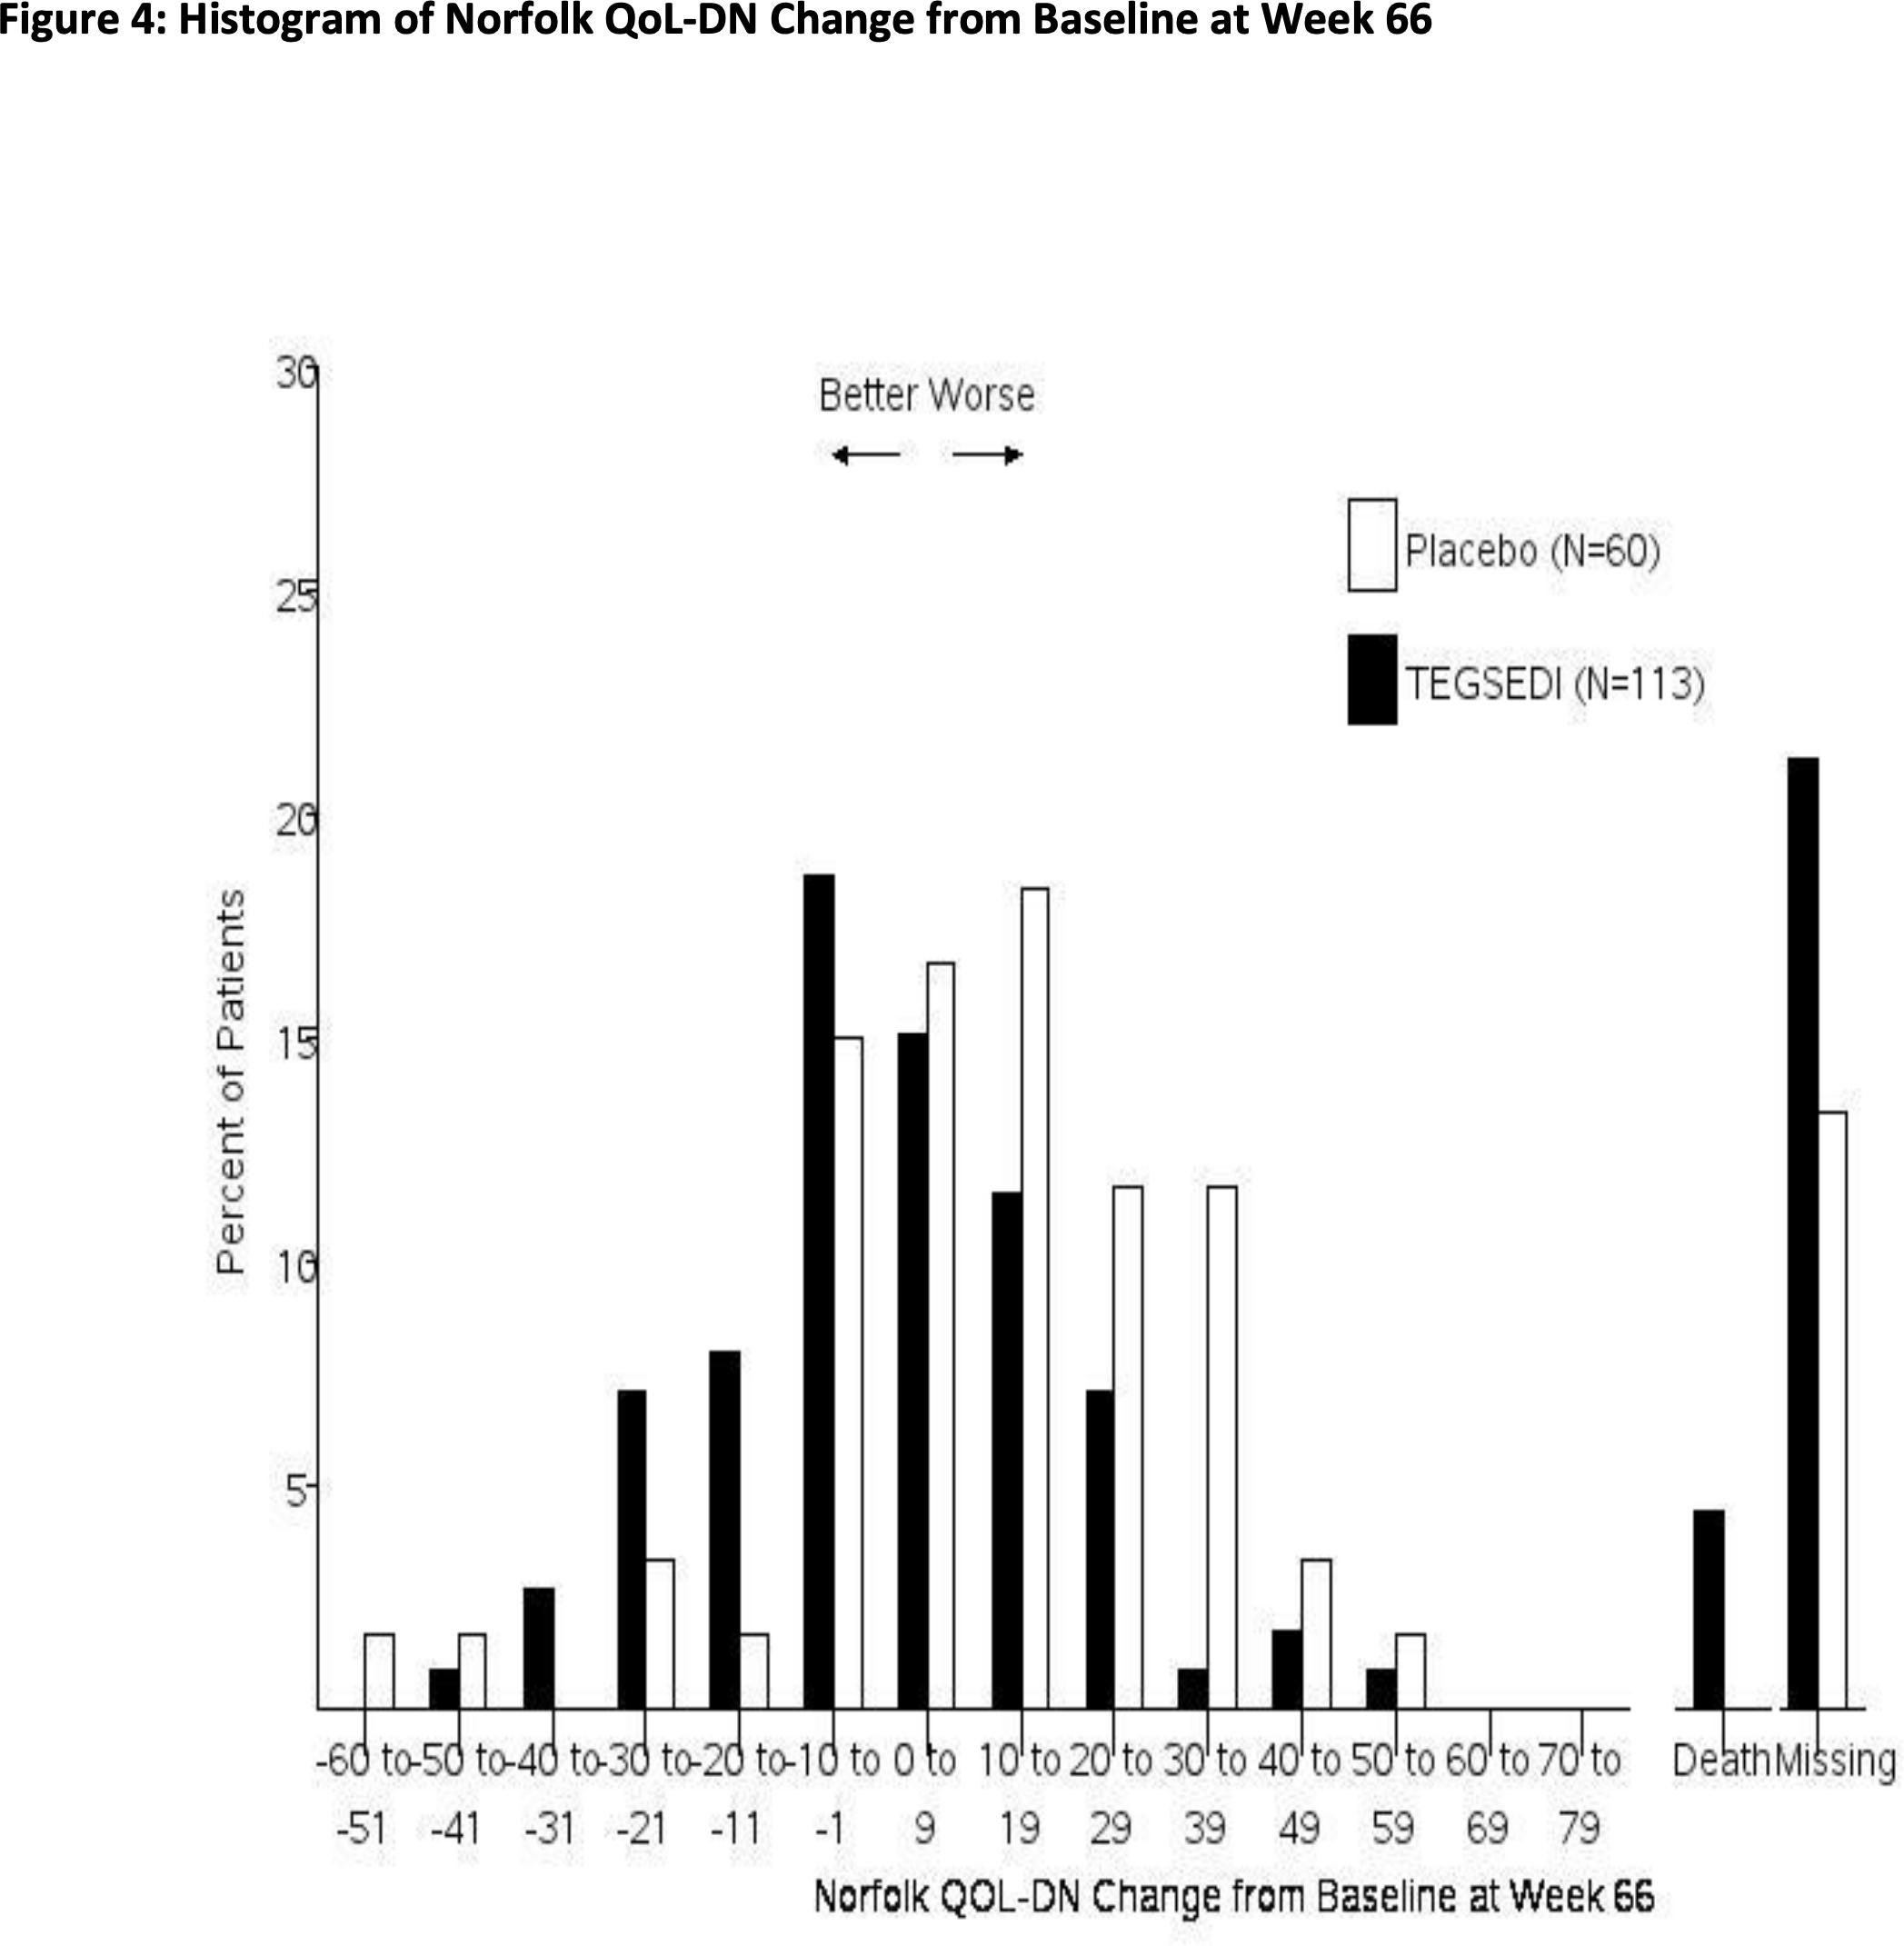 tegsedi clinical trials results 05 - «Тегседи»: олигонуклеотидное лекарство против семейной амилоидной полинейропатии